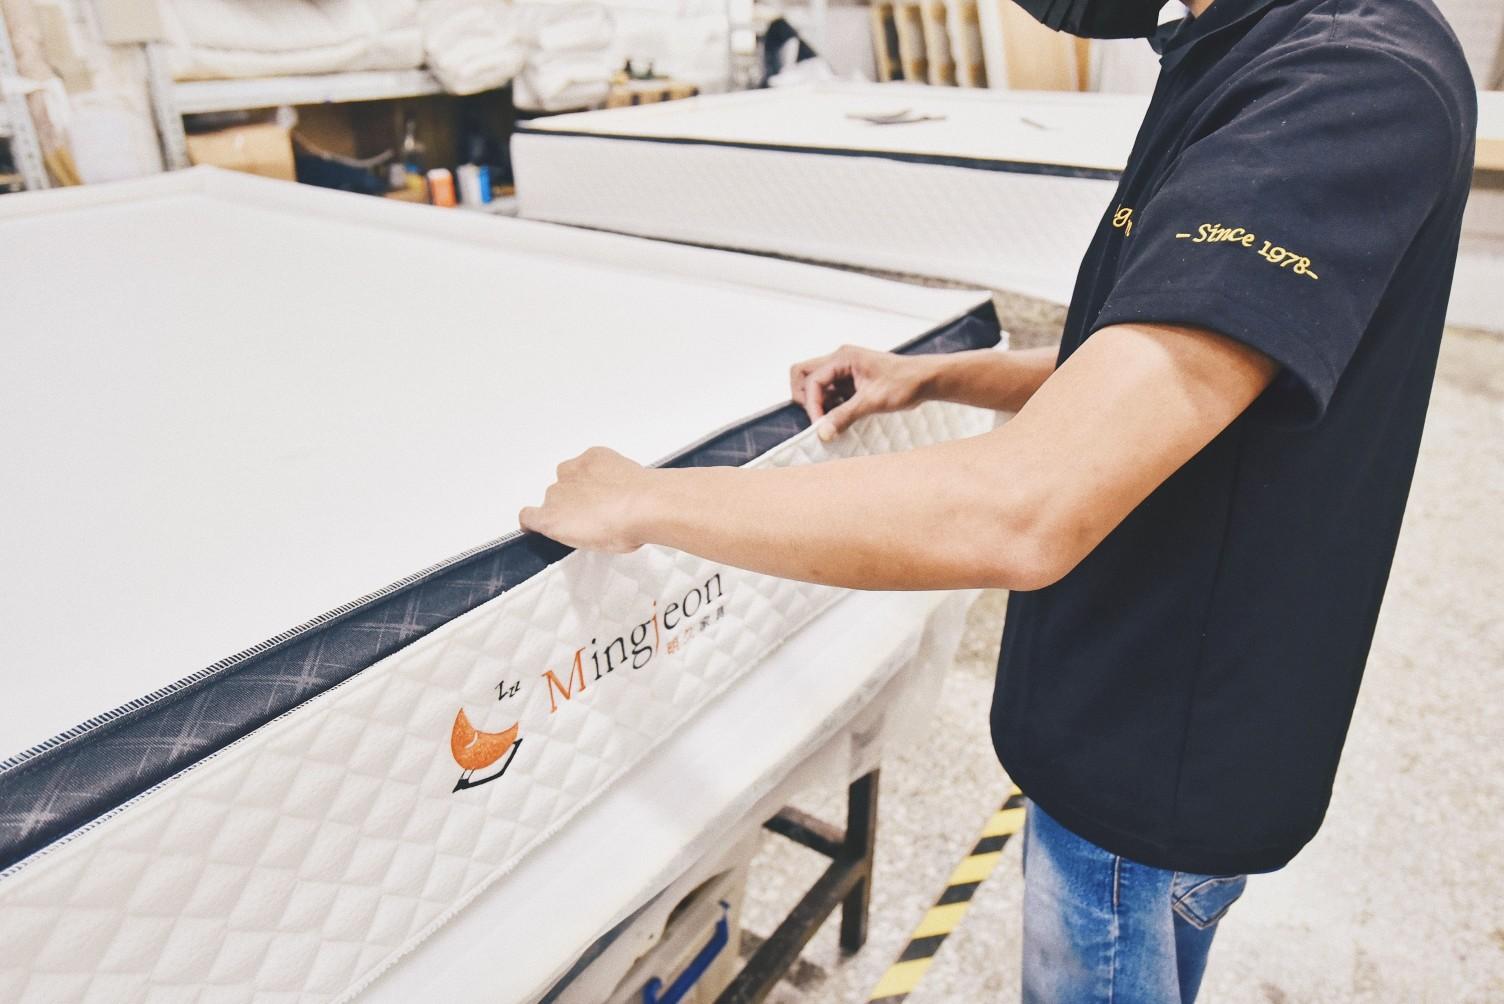 明久家具用超過60年的時間,專業手工製作床墊